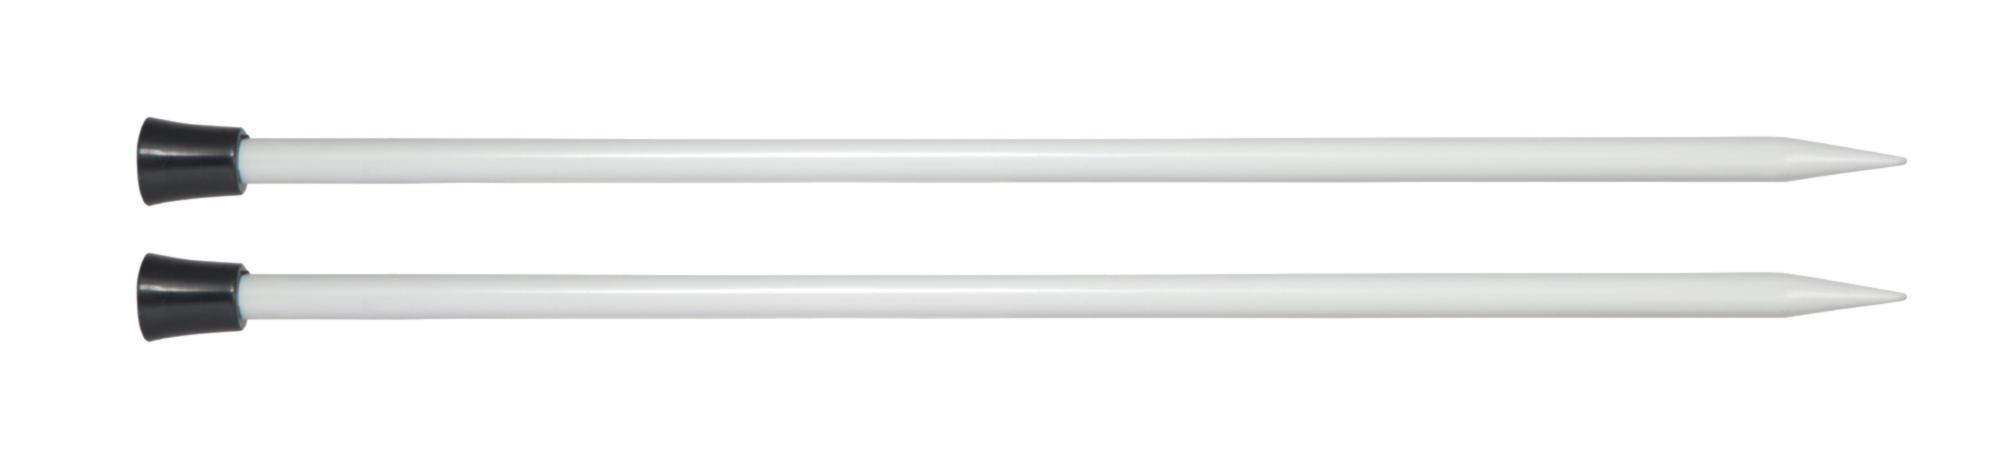 Спицы прямые 35 см Basix Aluminium KnitPro, 45270, 3.25 мм